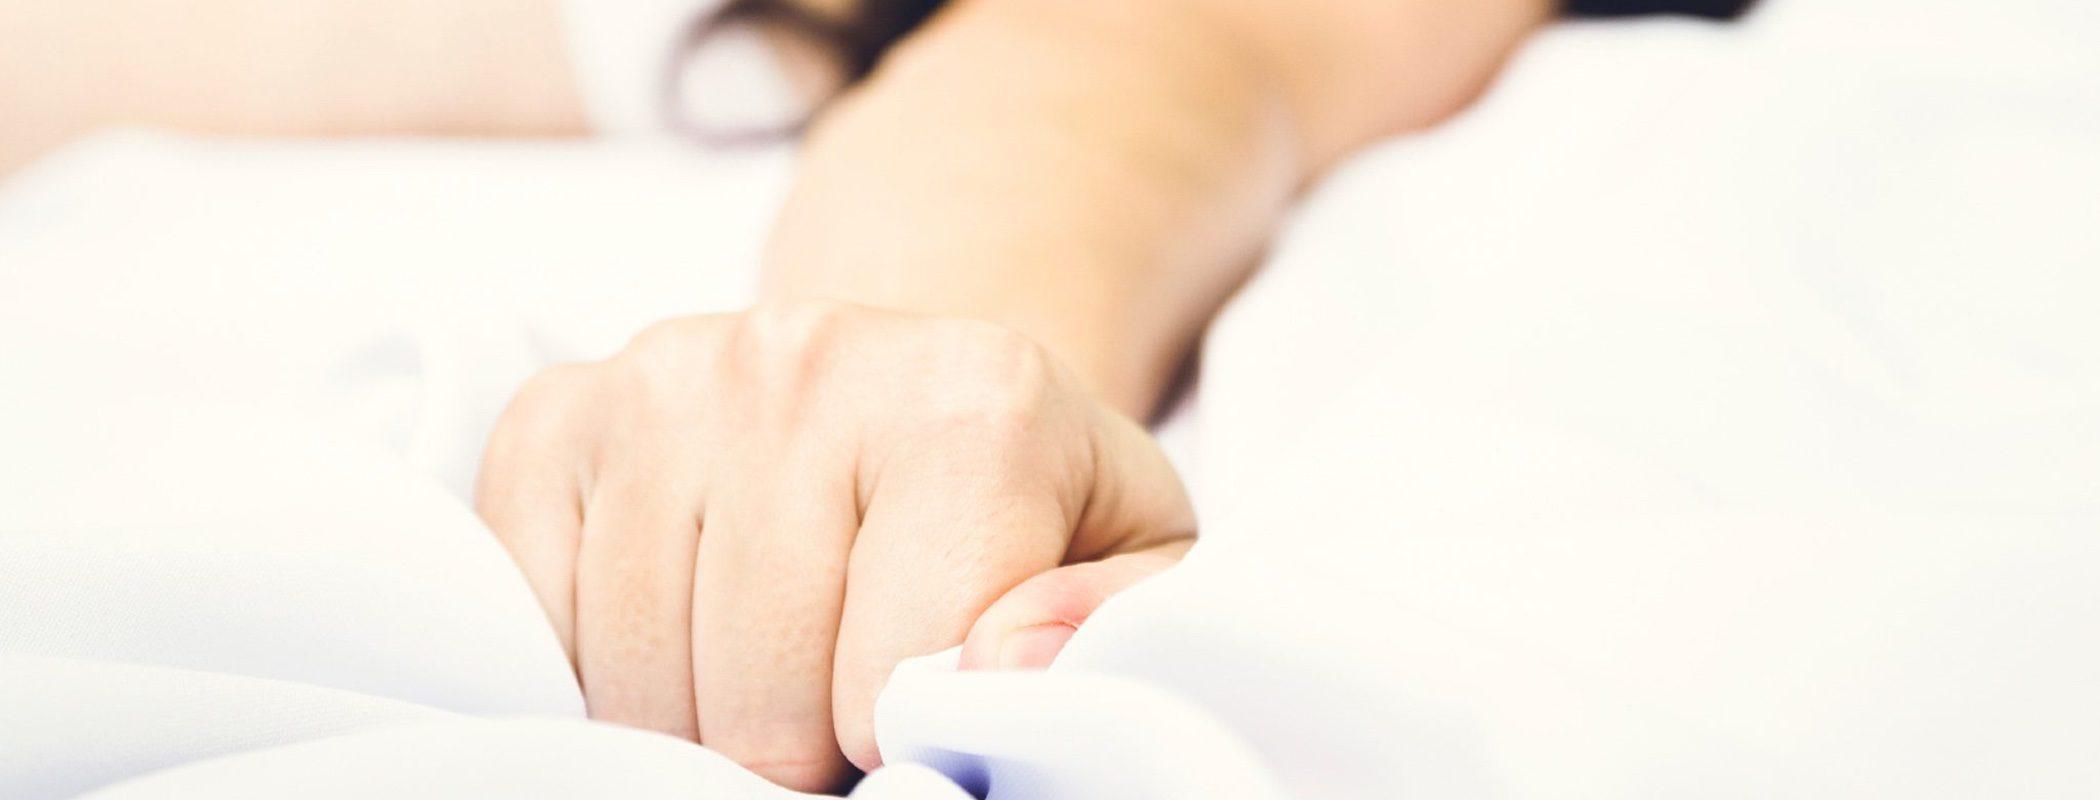 Hormonas sexuales masculinas y femeninas: ¿Cuáles son y para qué sirven?